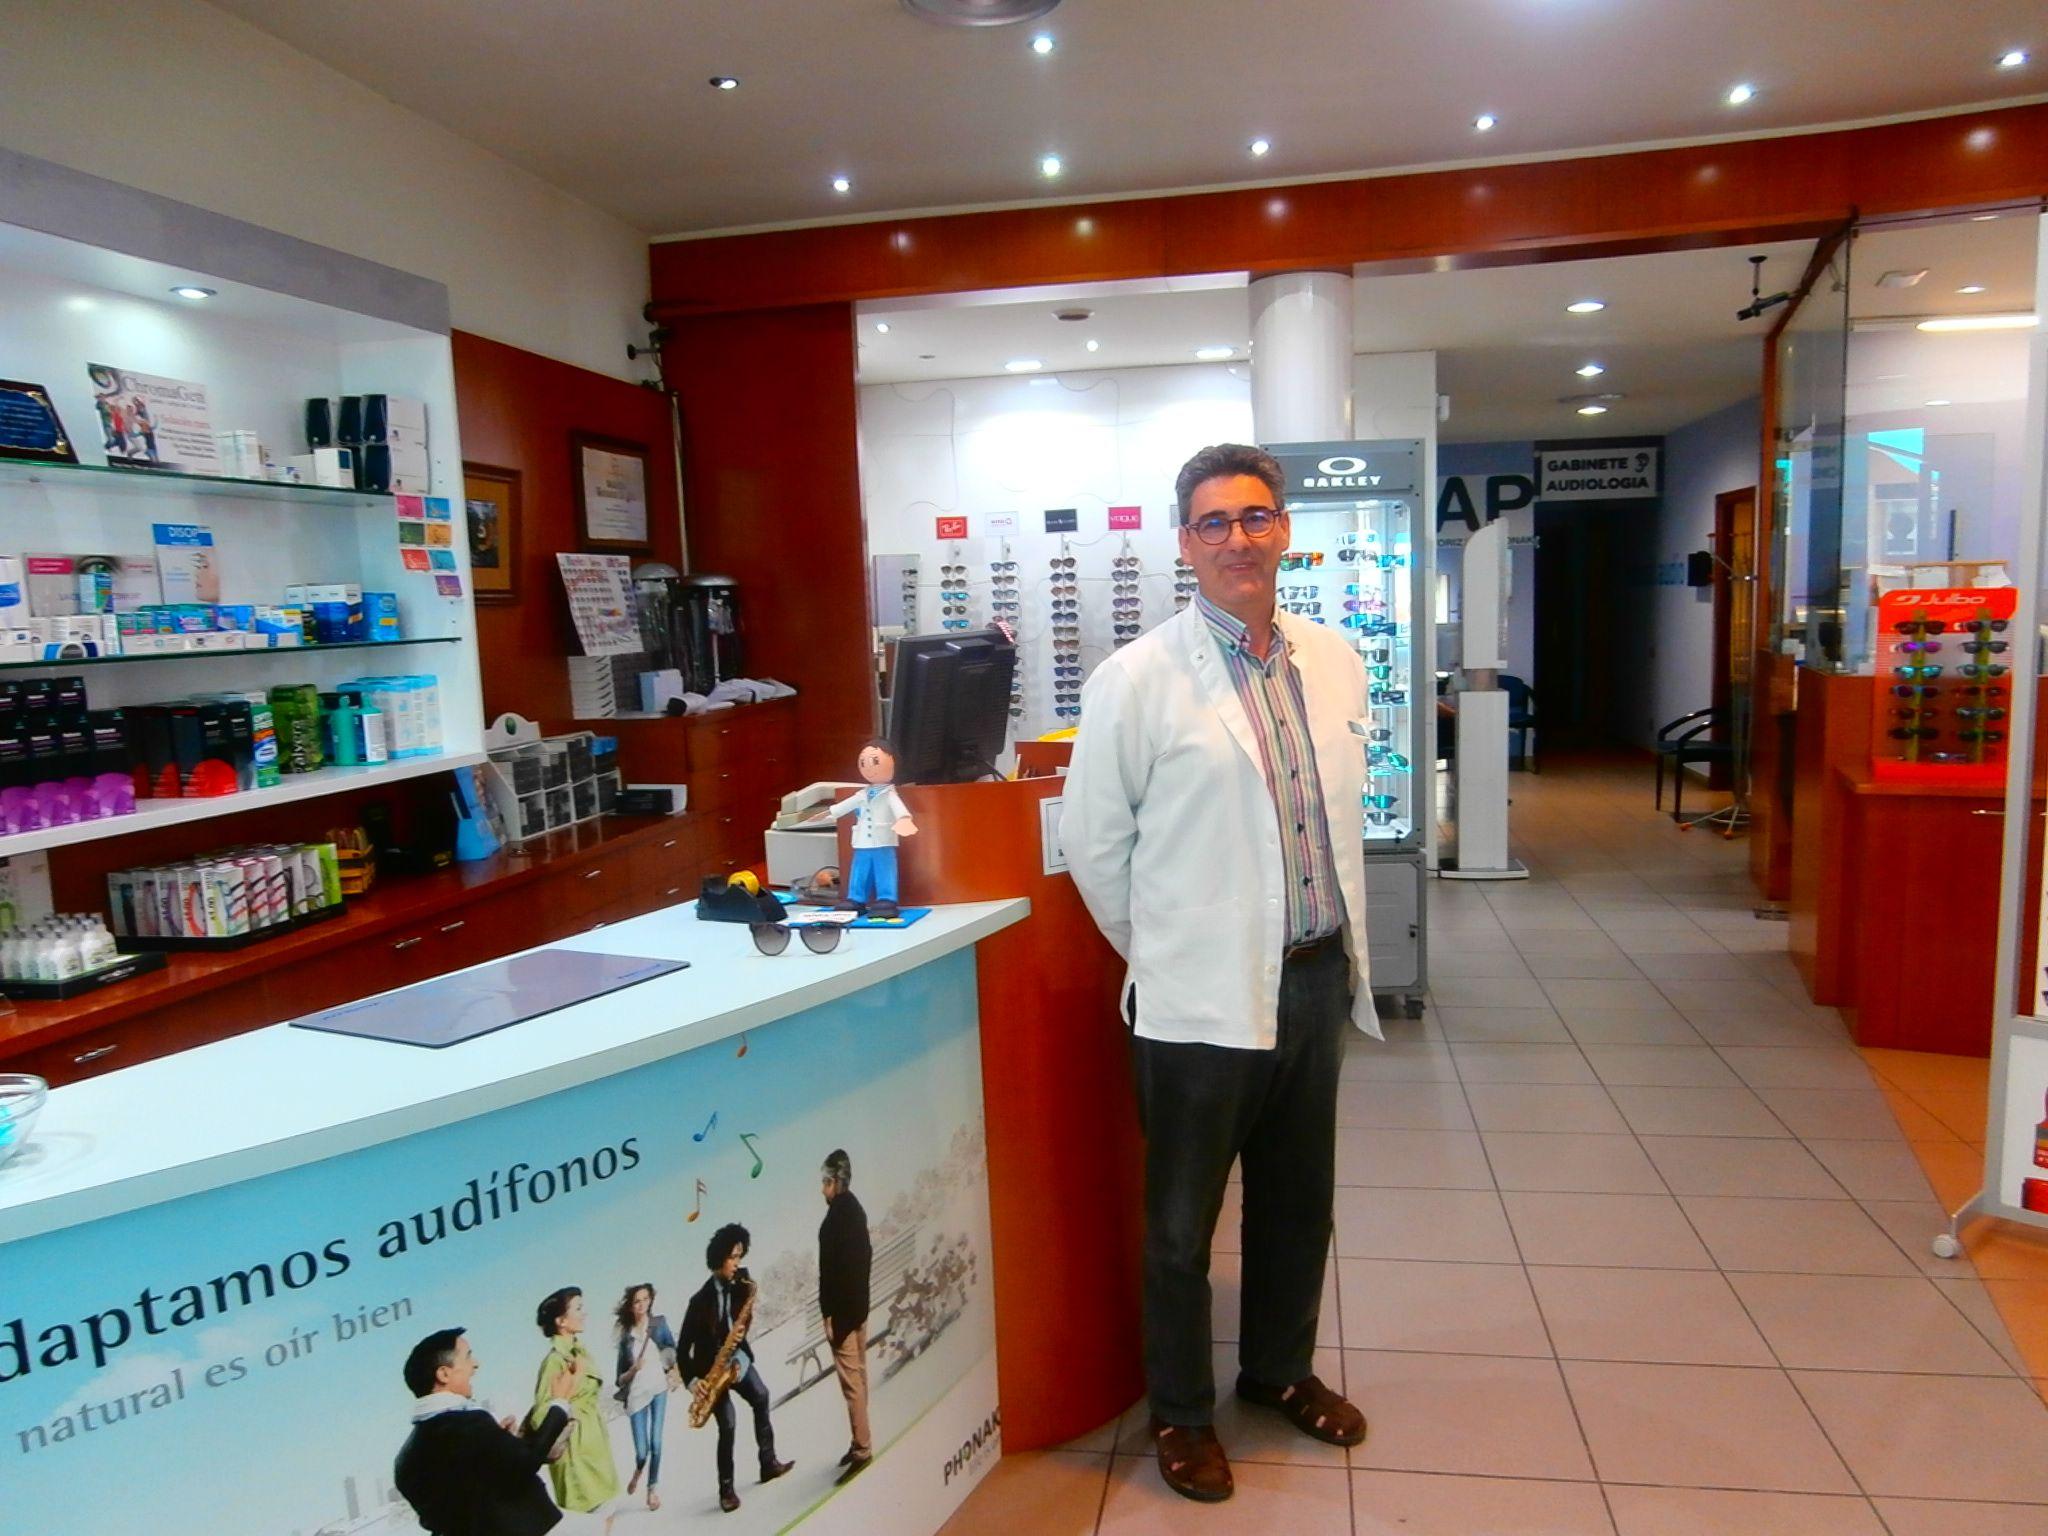 Ángel Anoro, gerente de Natural Optics San Ramón, en Barbastro. Foto: SobrarbeDigital